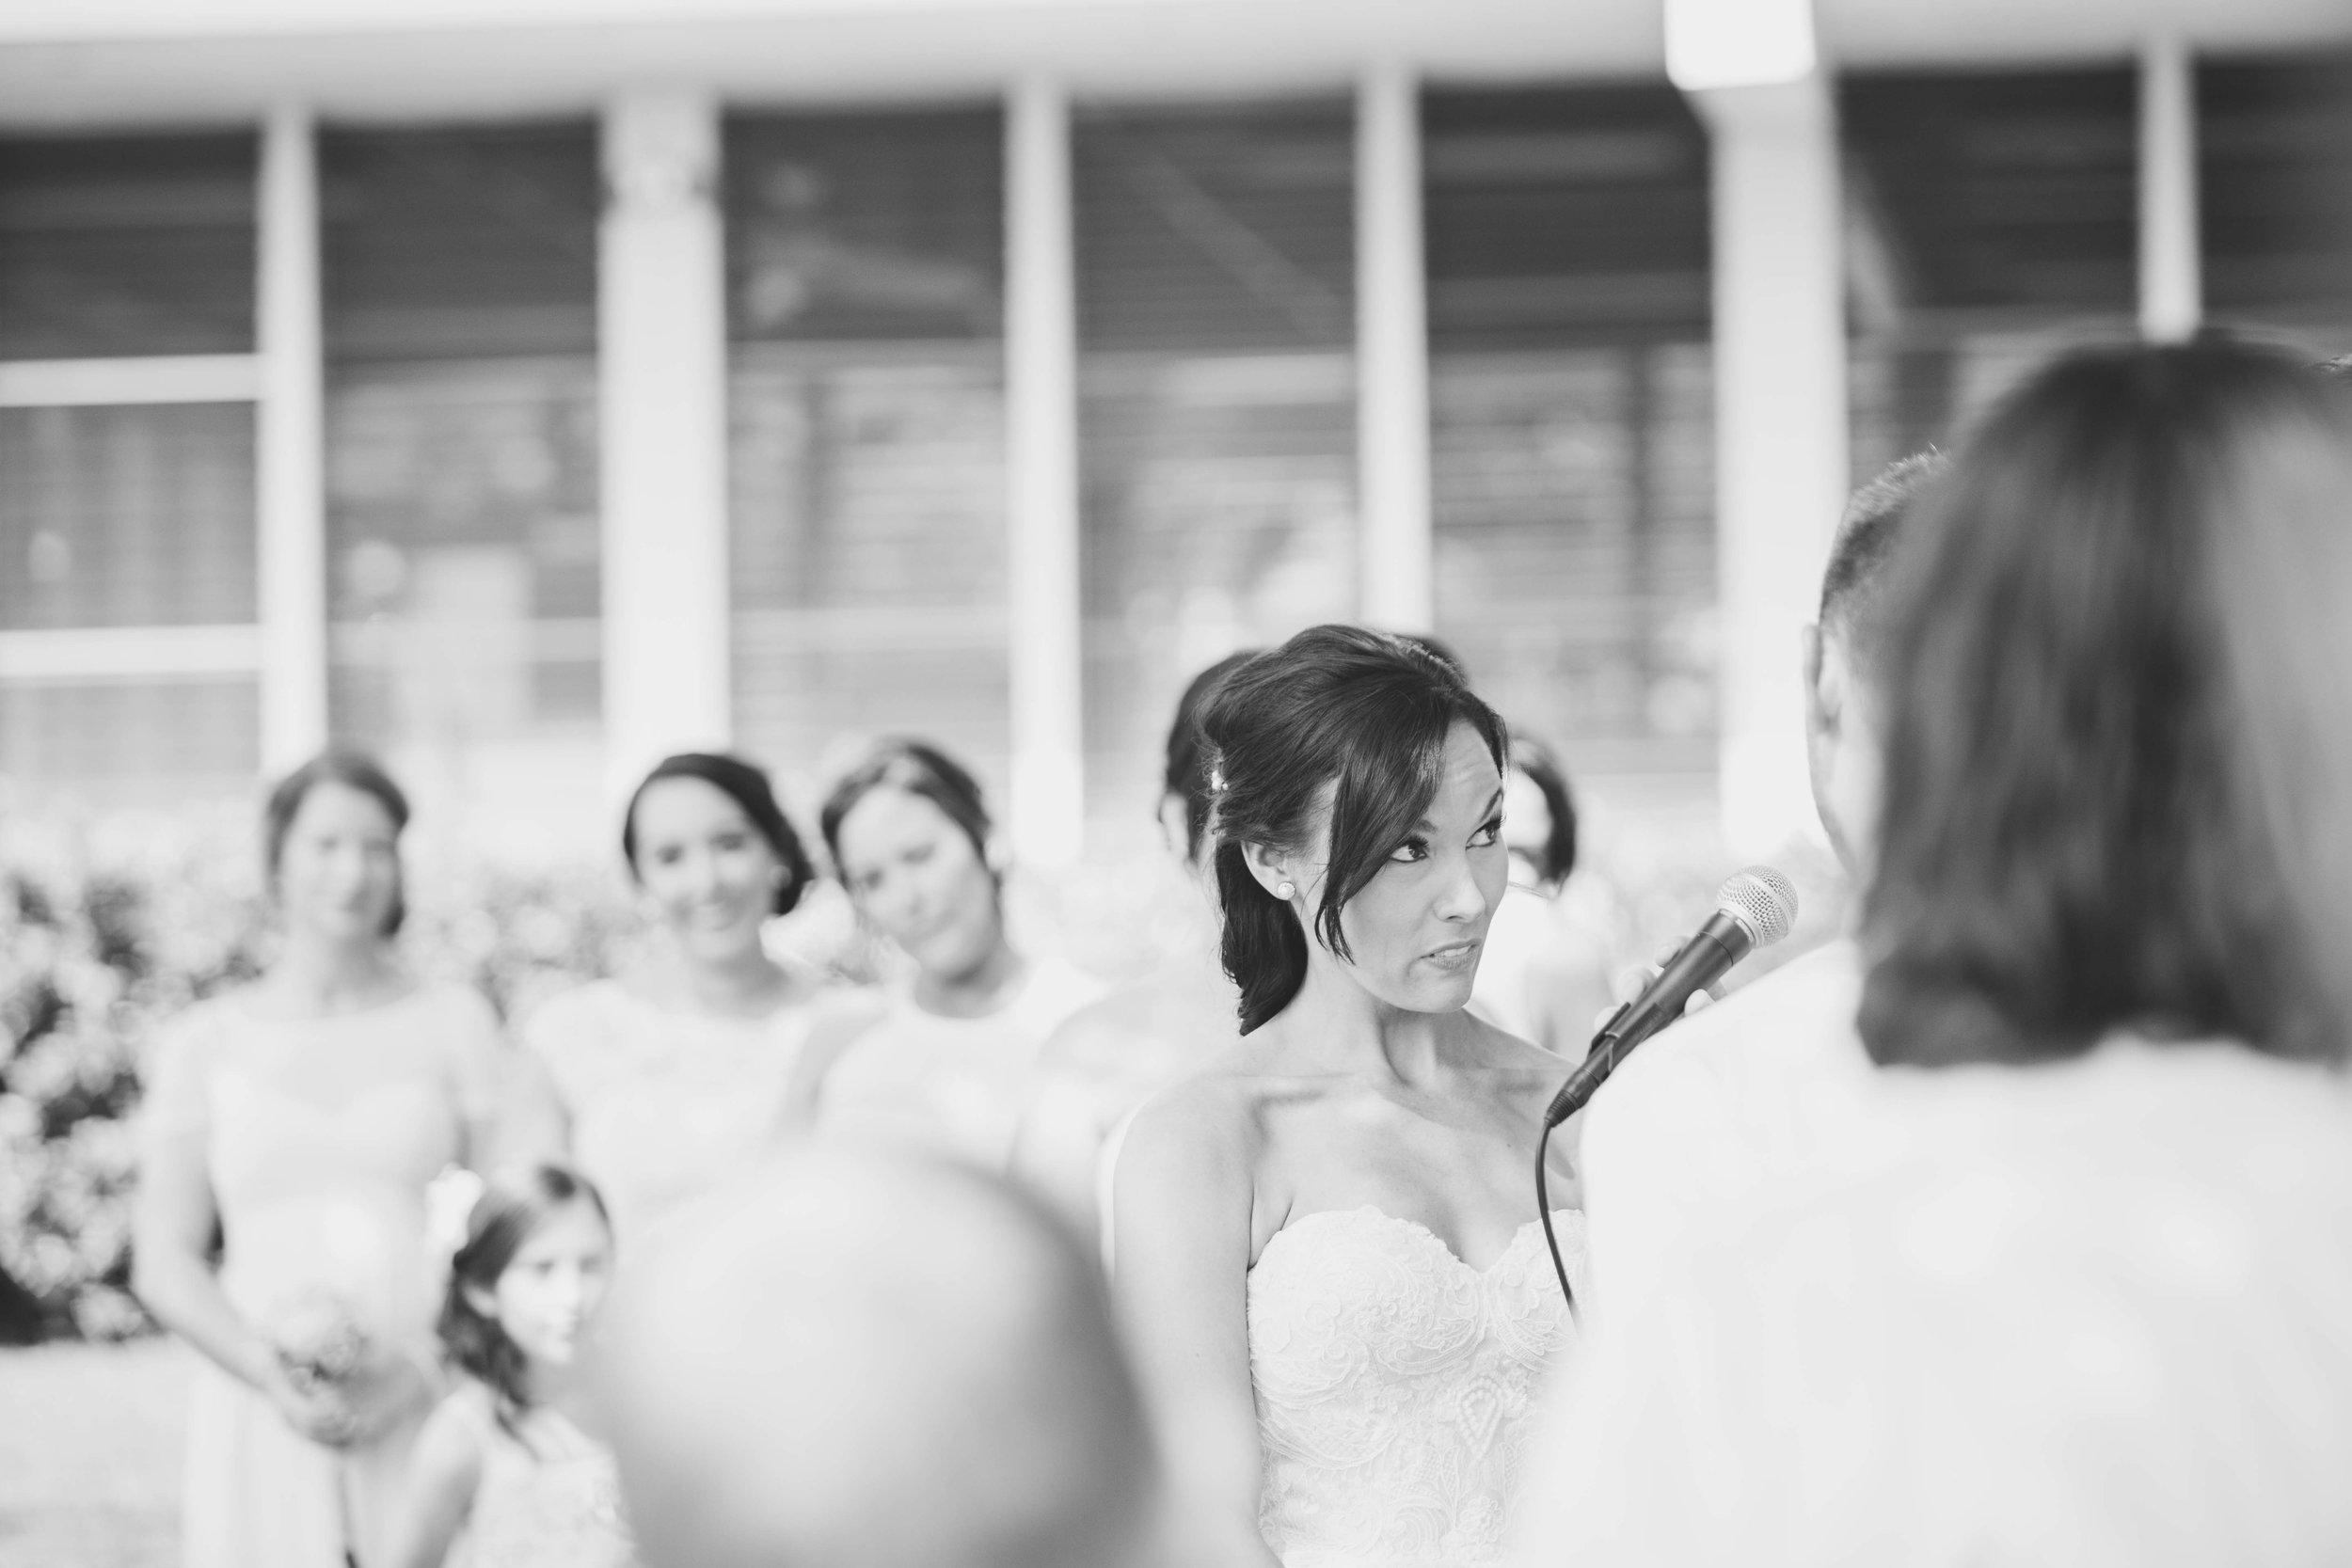 ATGI_Susanna & Matt Wedding_717A7814.jpg